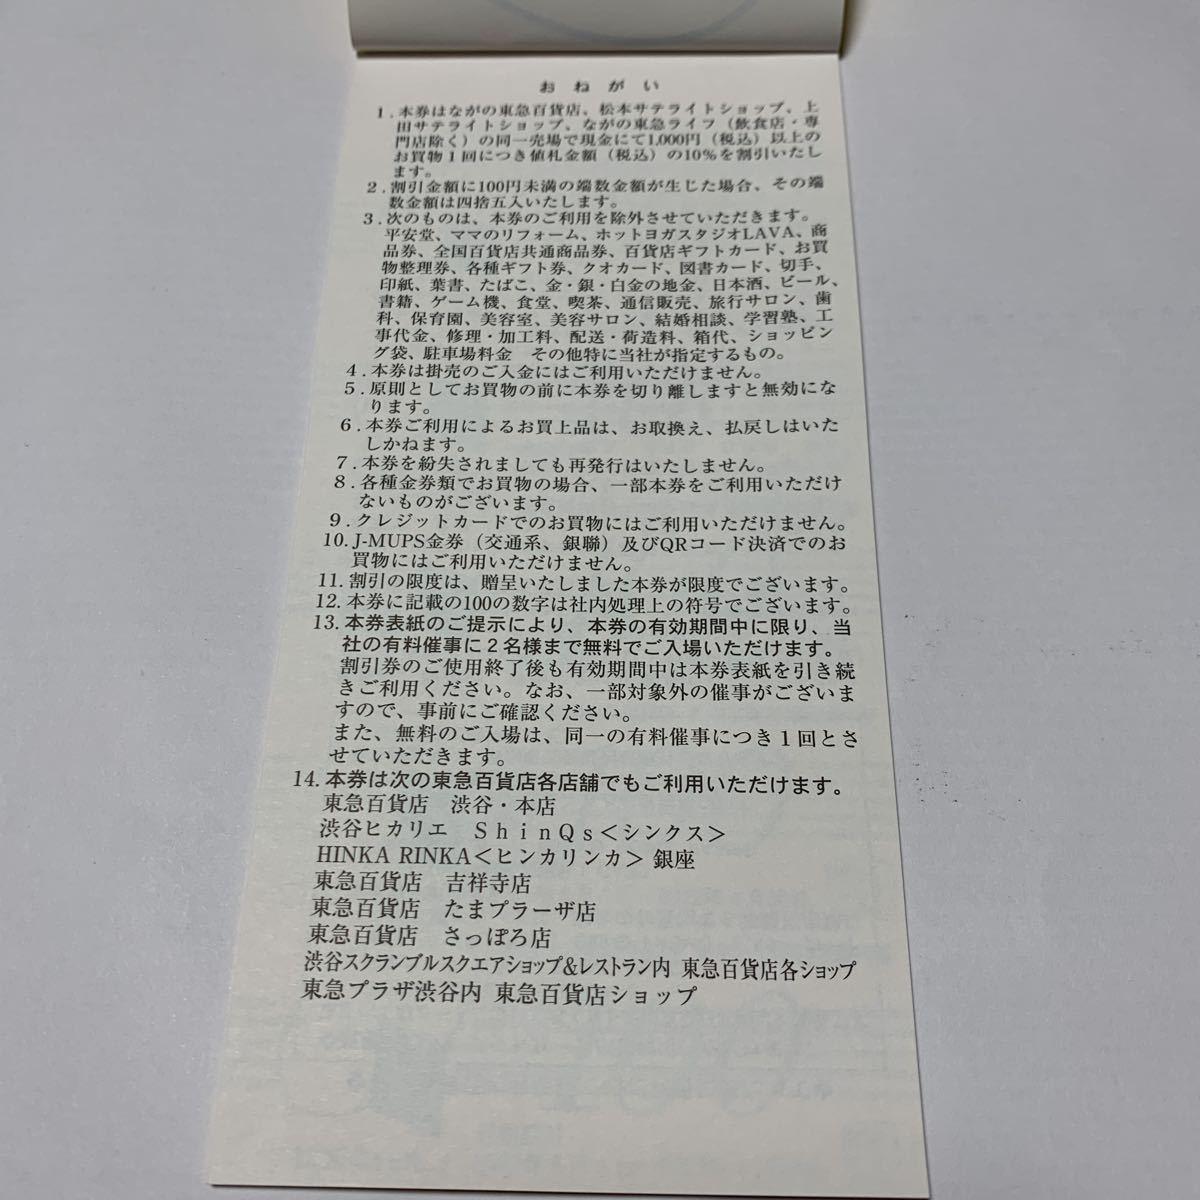 ながの東急百貨店株主お買物優待券100円分x50枚です。有効期限は、2022年4月30日までです。_画像2